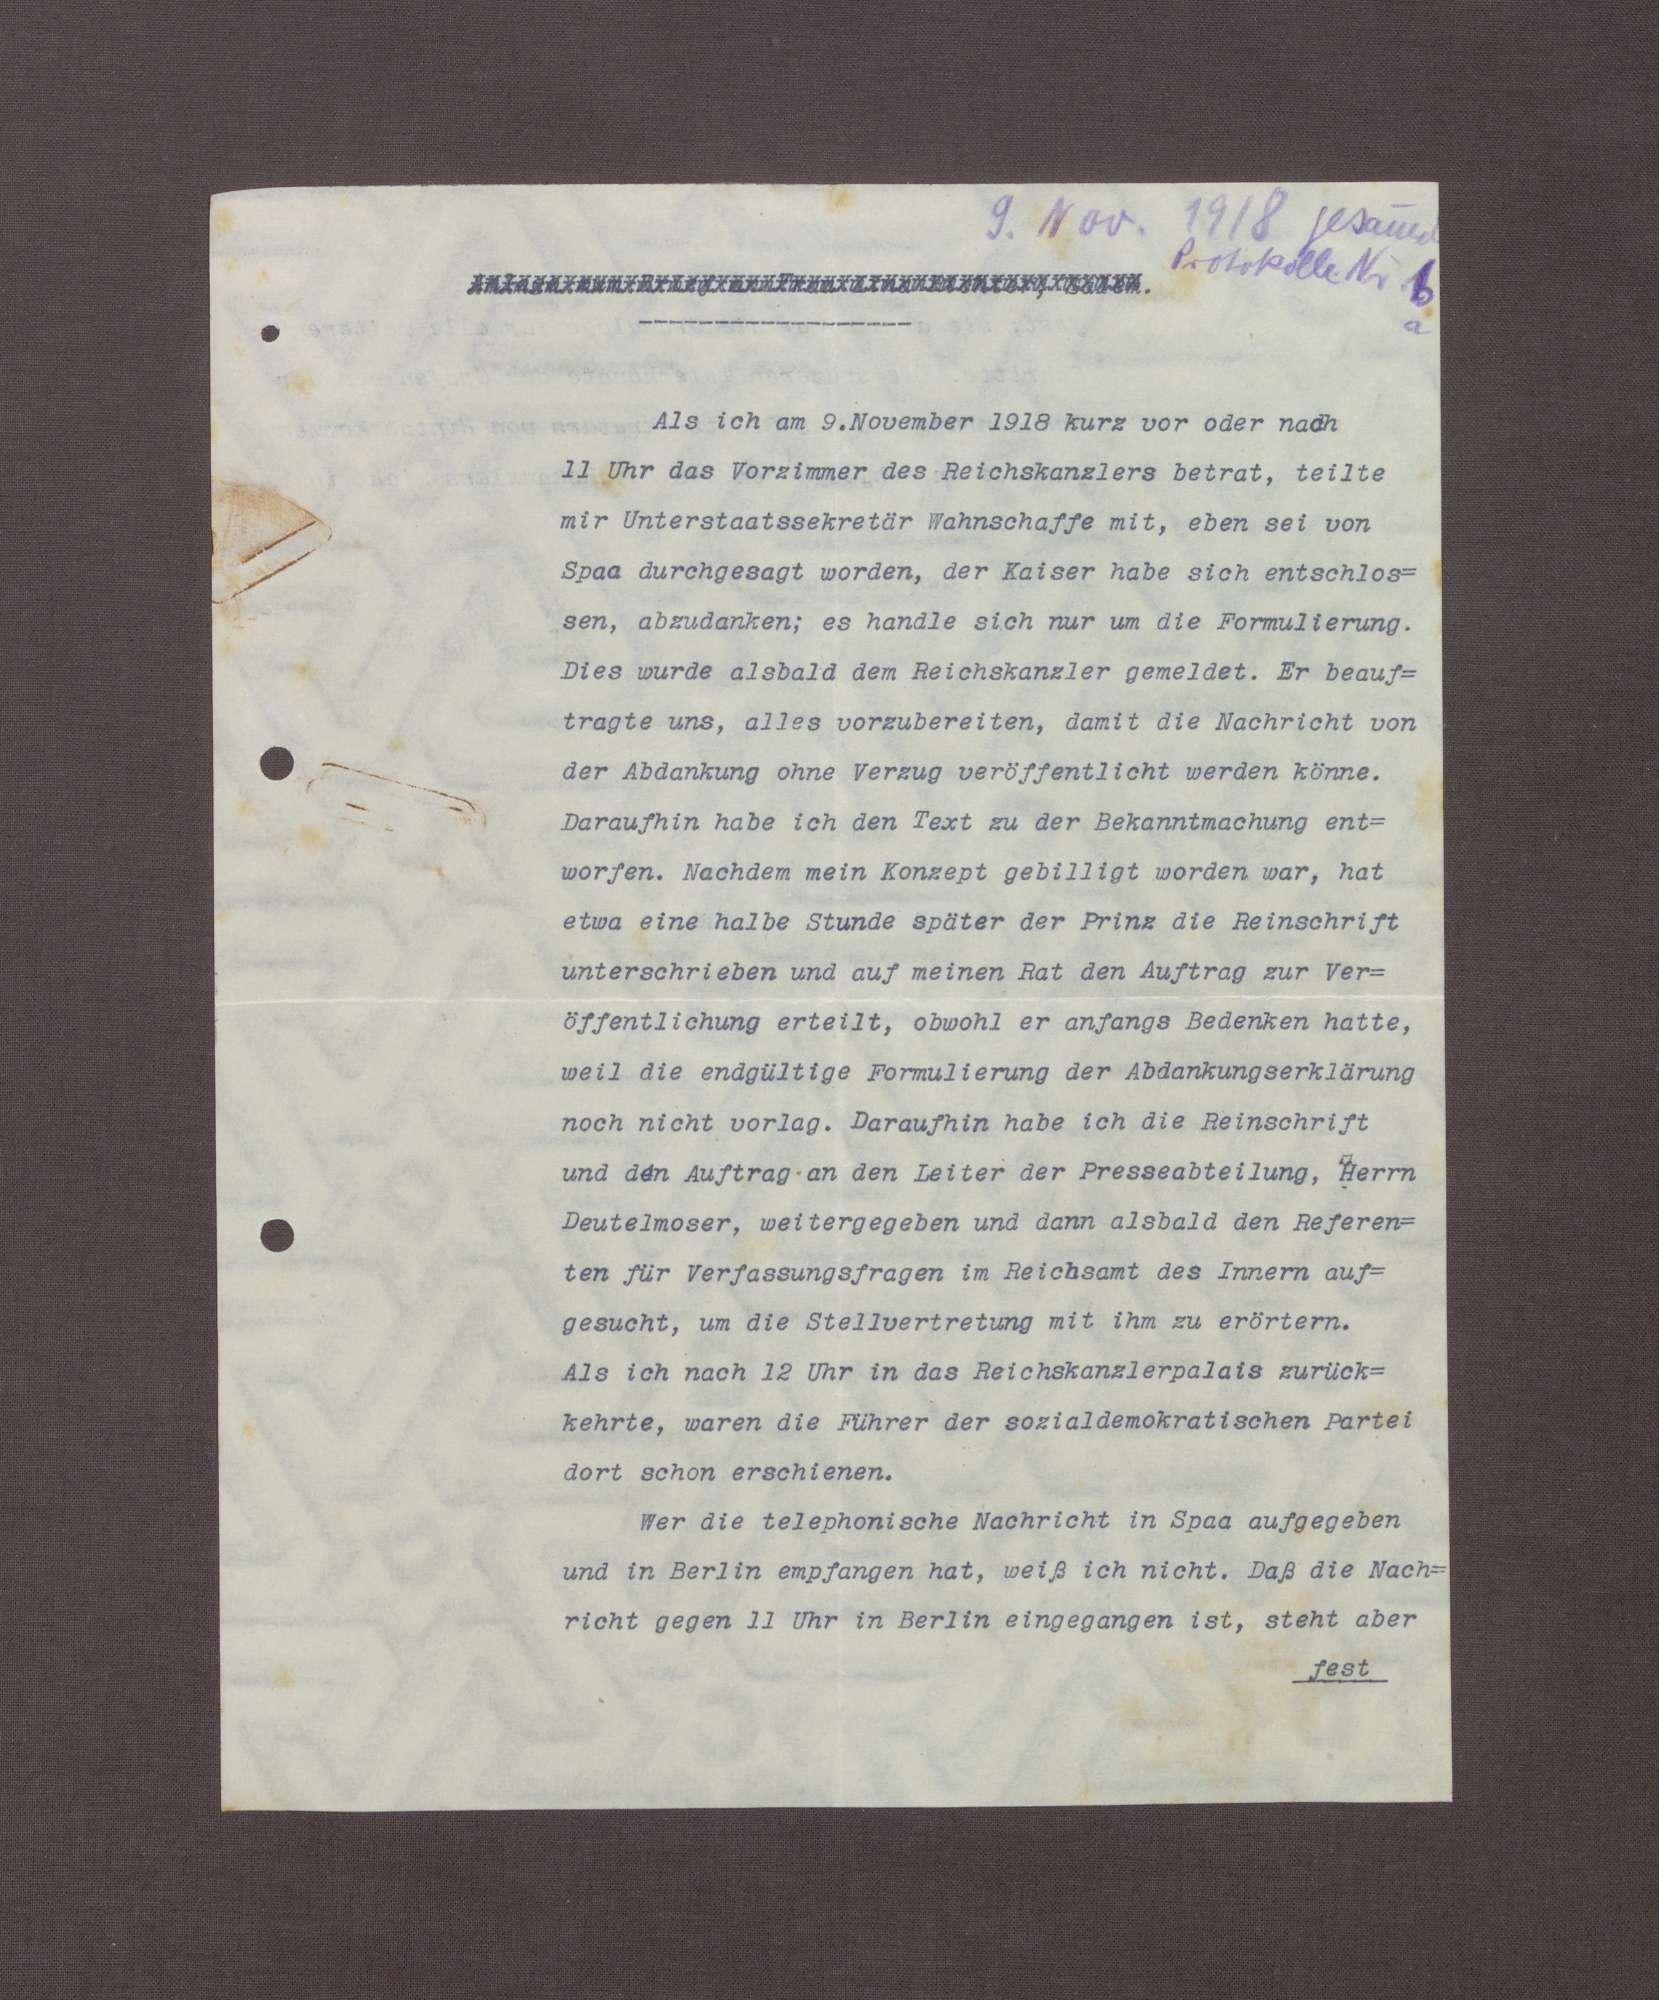 Schreiben von Walter Simons an Prinz Max von Baden bzgl. der Aufzeichnungen Haußmanns über die Ereignisse am 09.11.1918, Bild 1